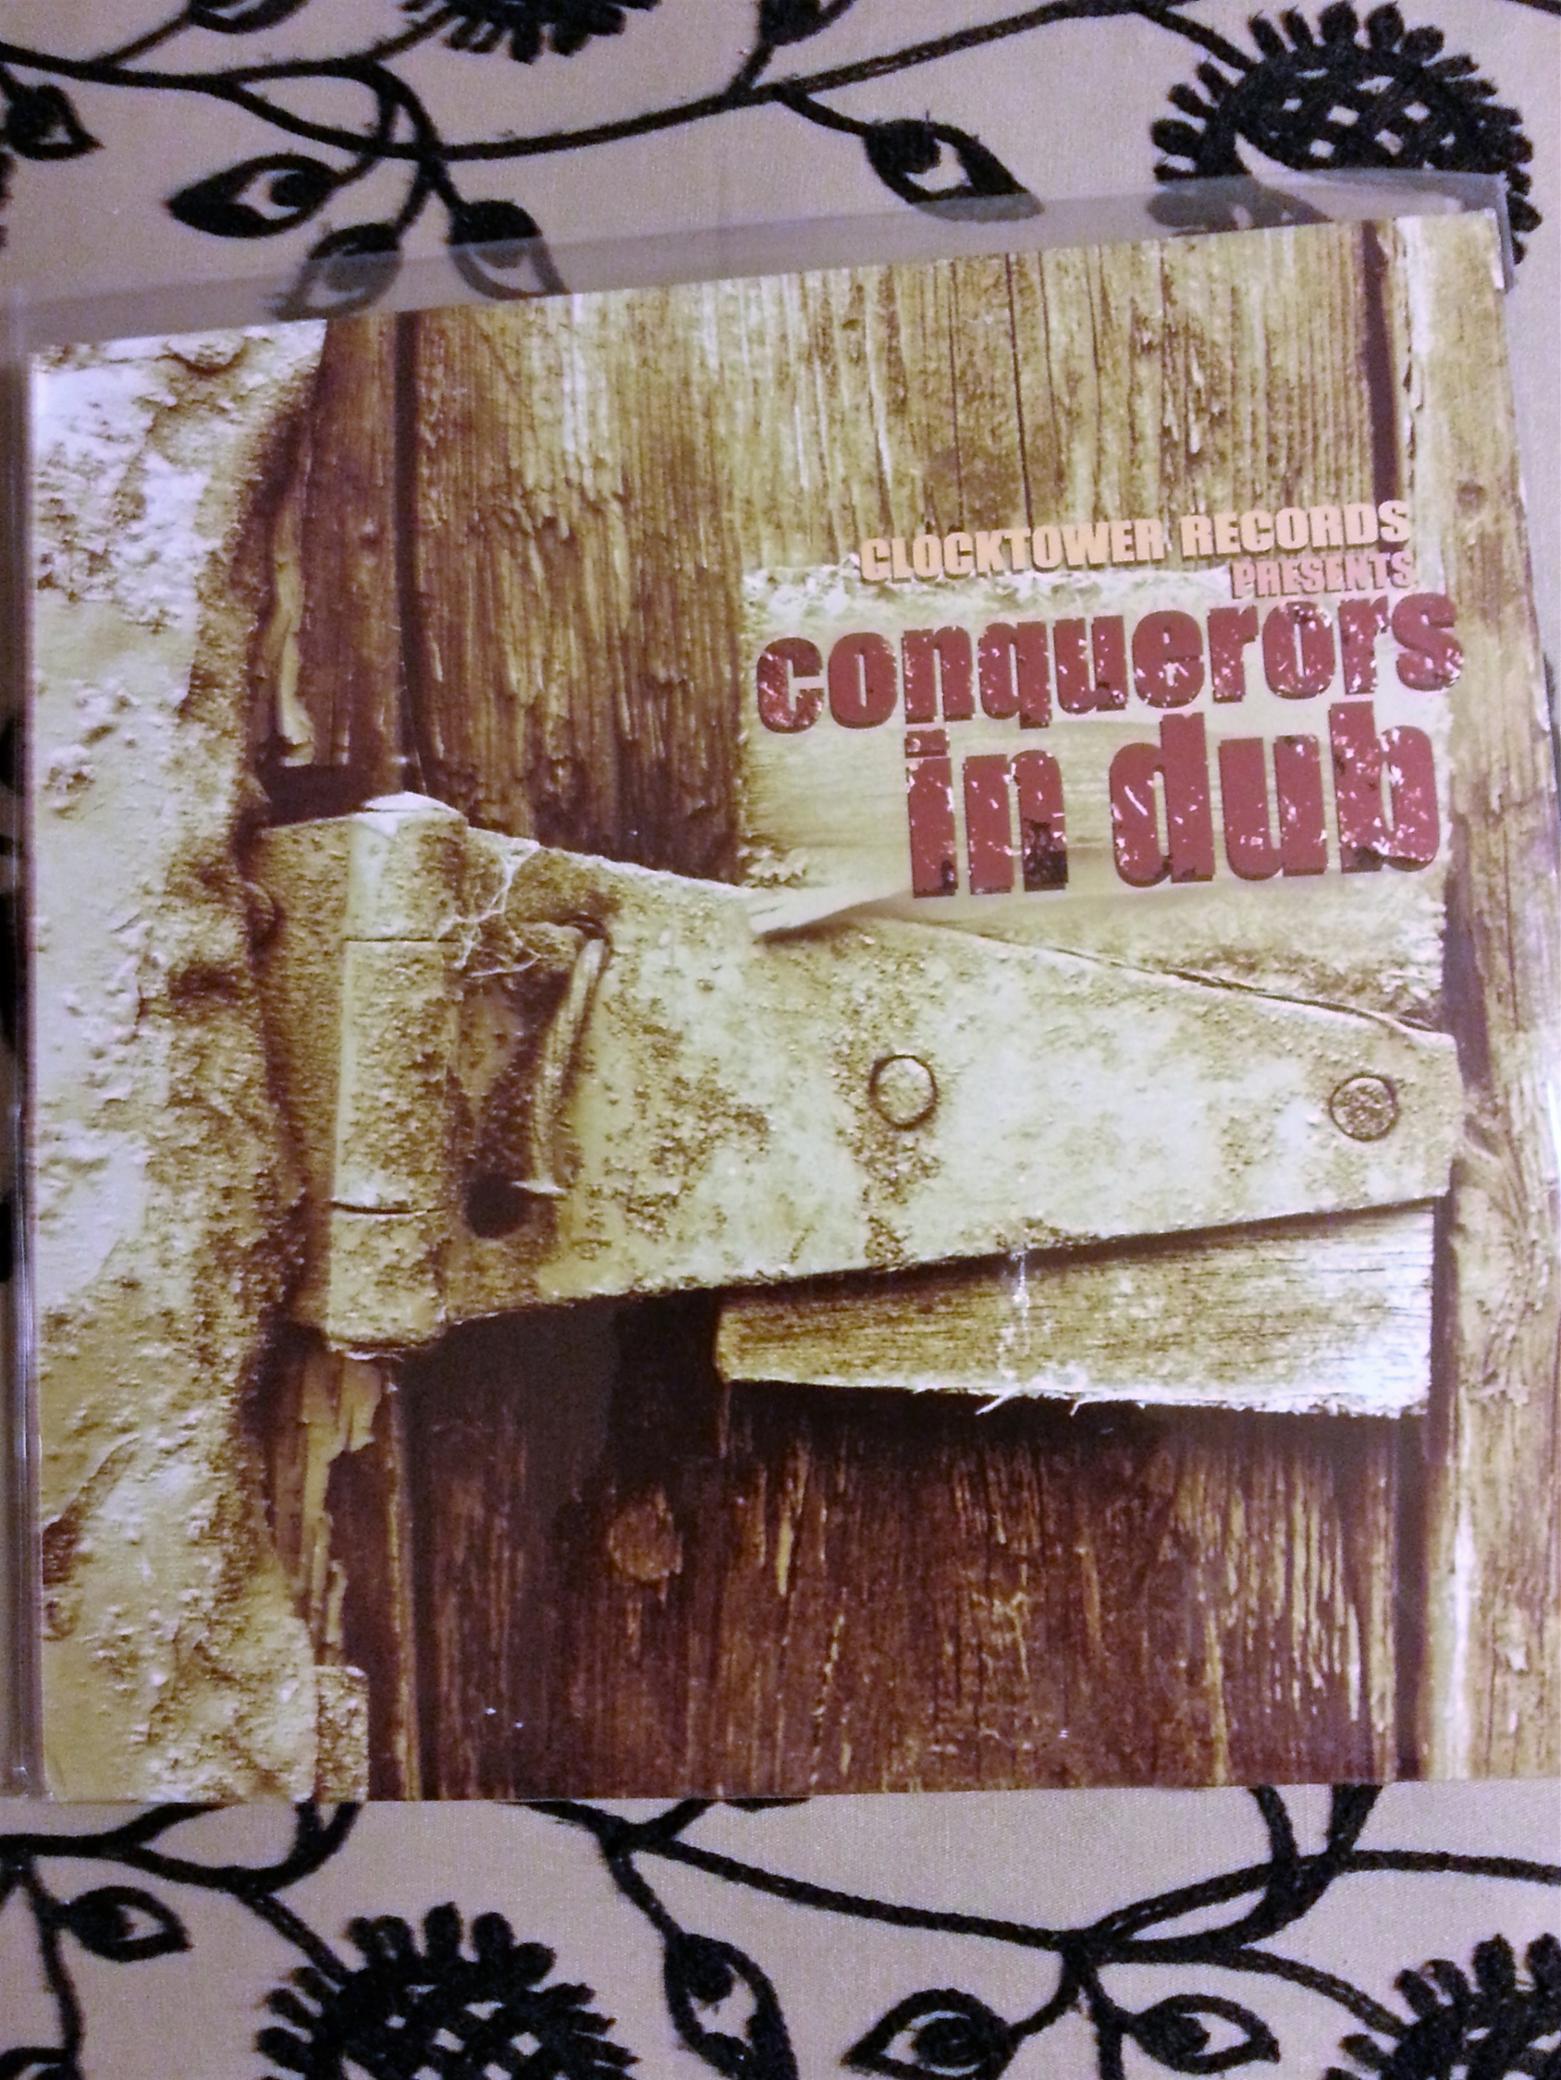 CONQUERORS IN DUB